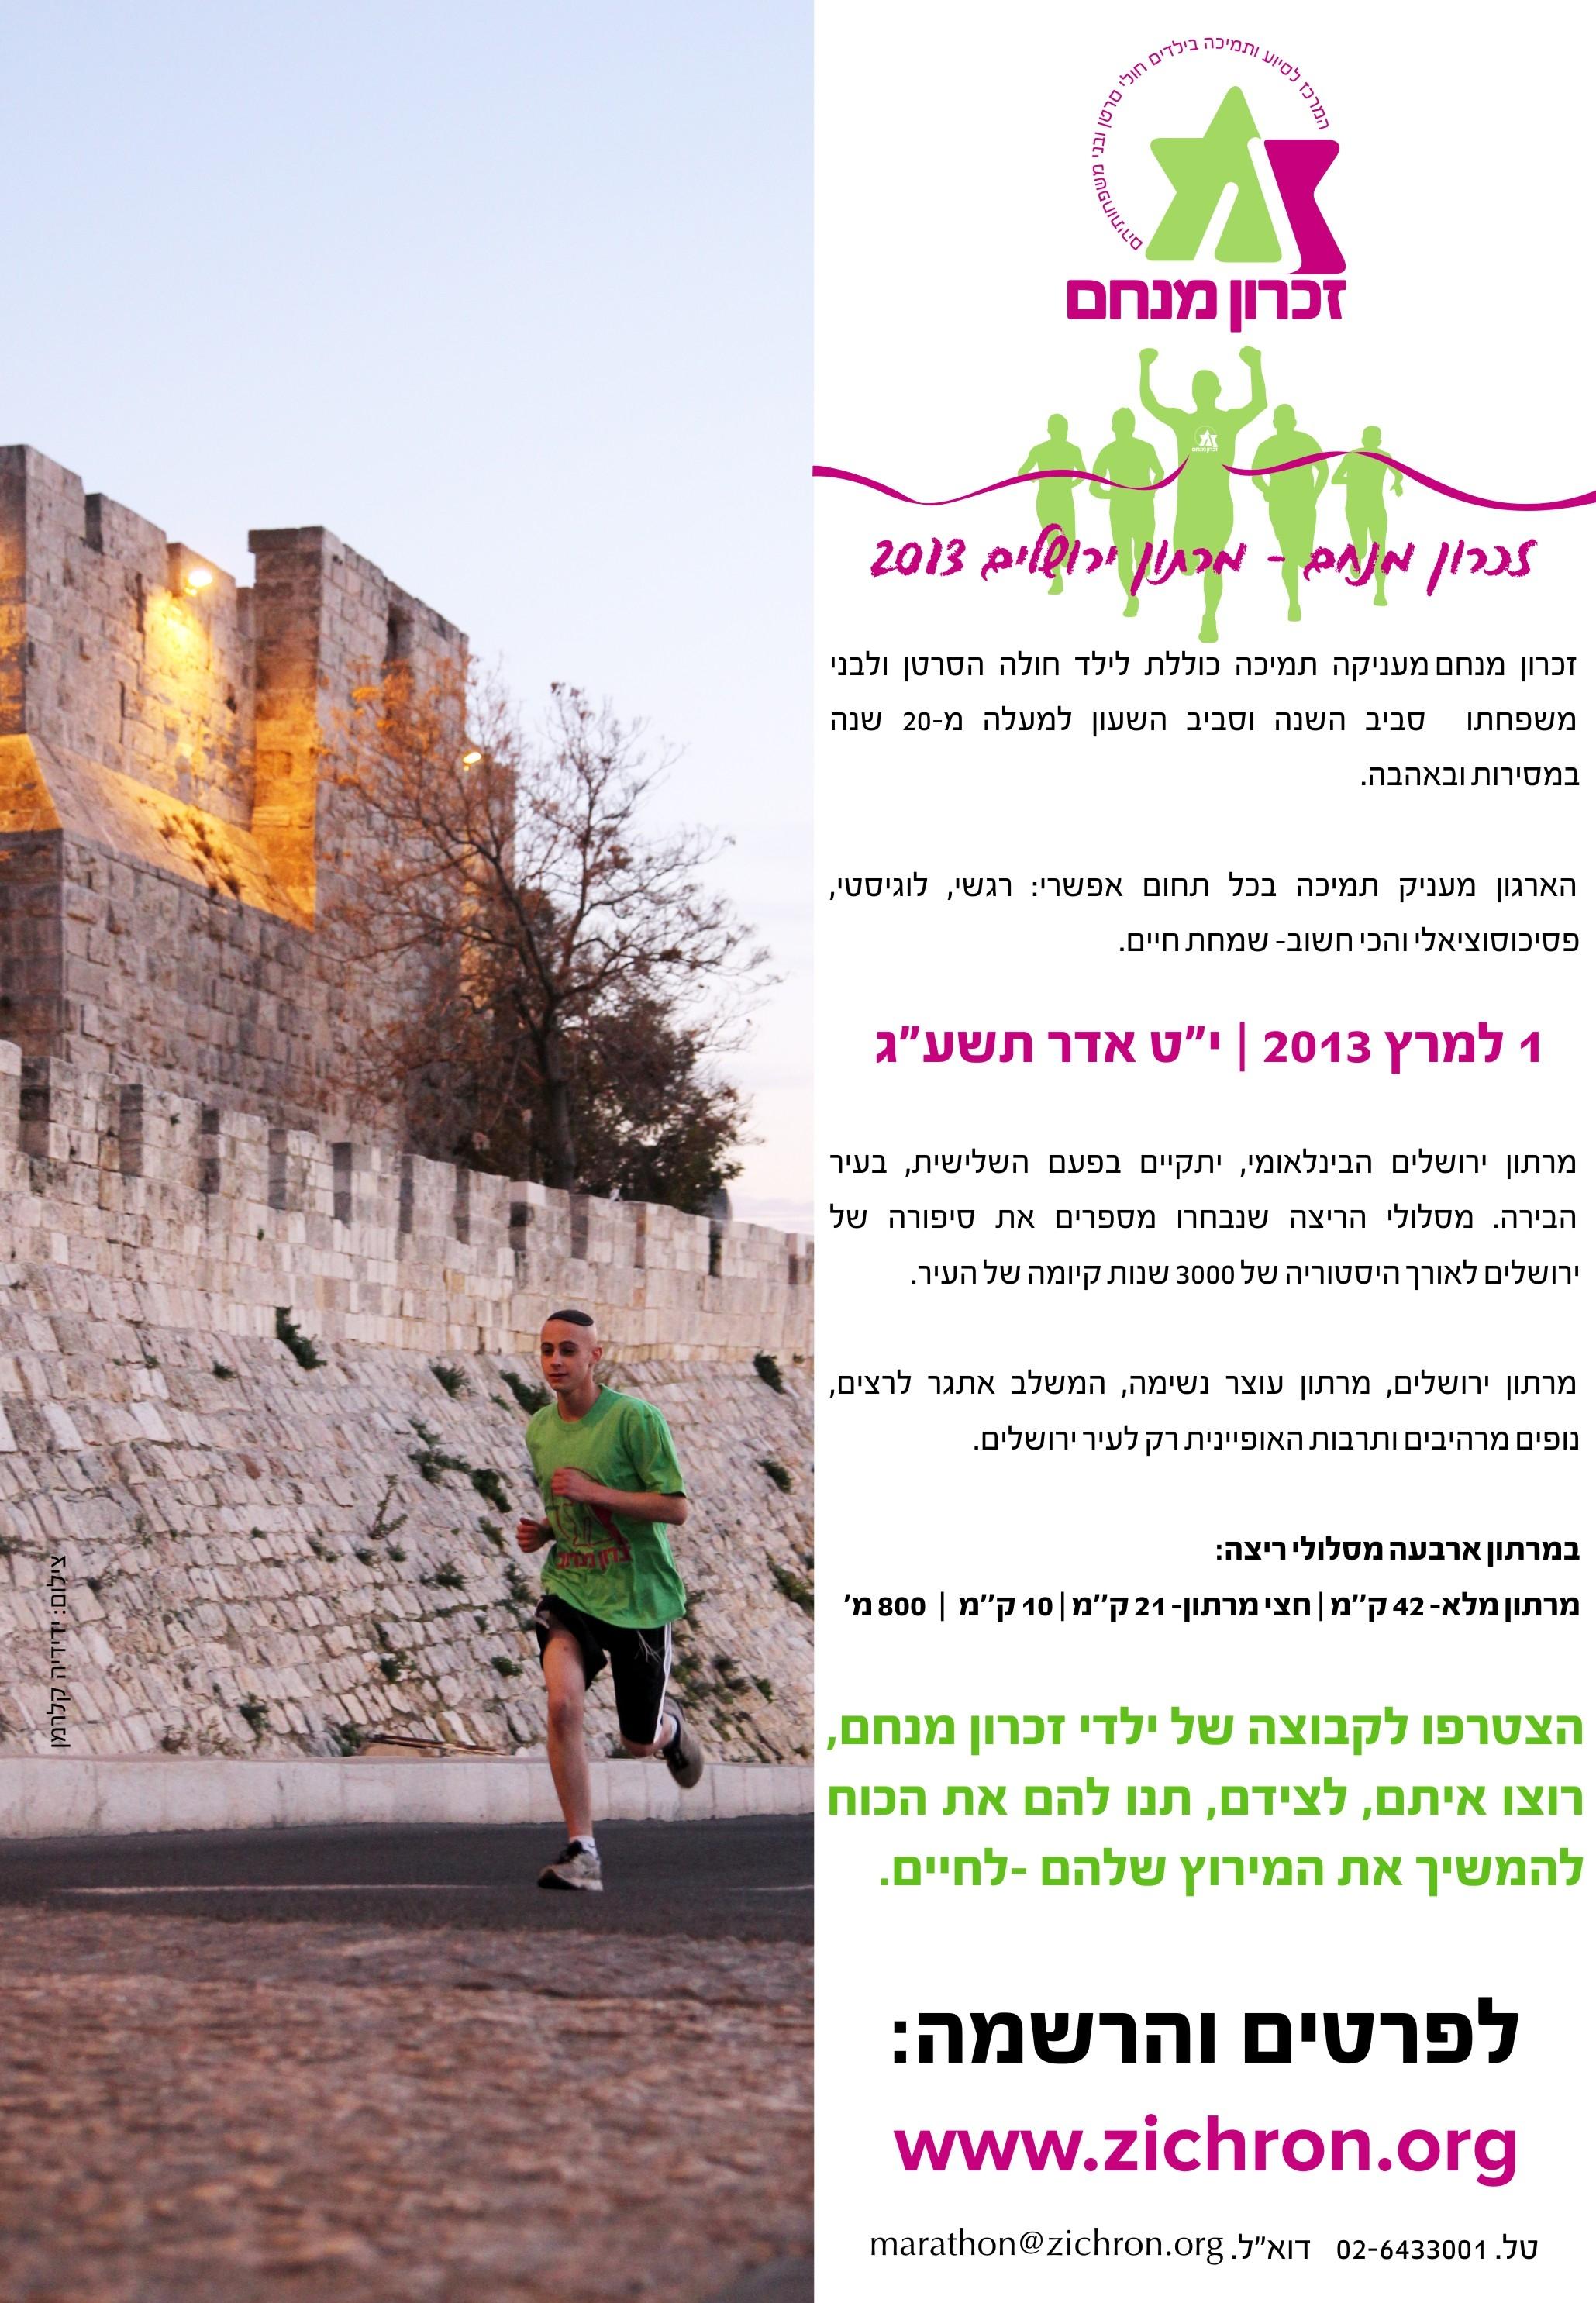 מרתון ירושלים ב 1-3-13 עבור ילדים חולי סרטן